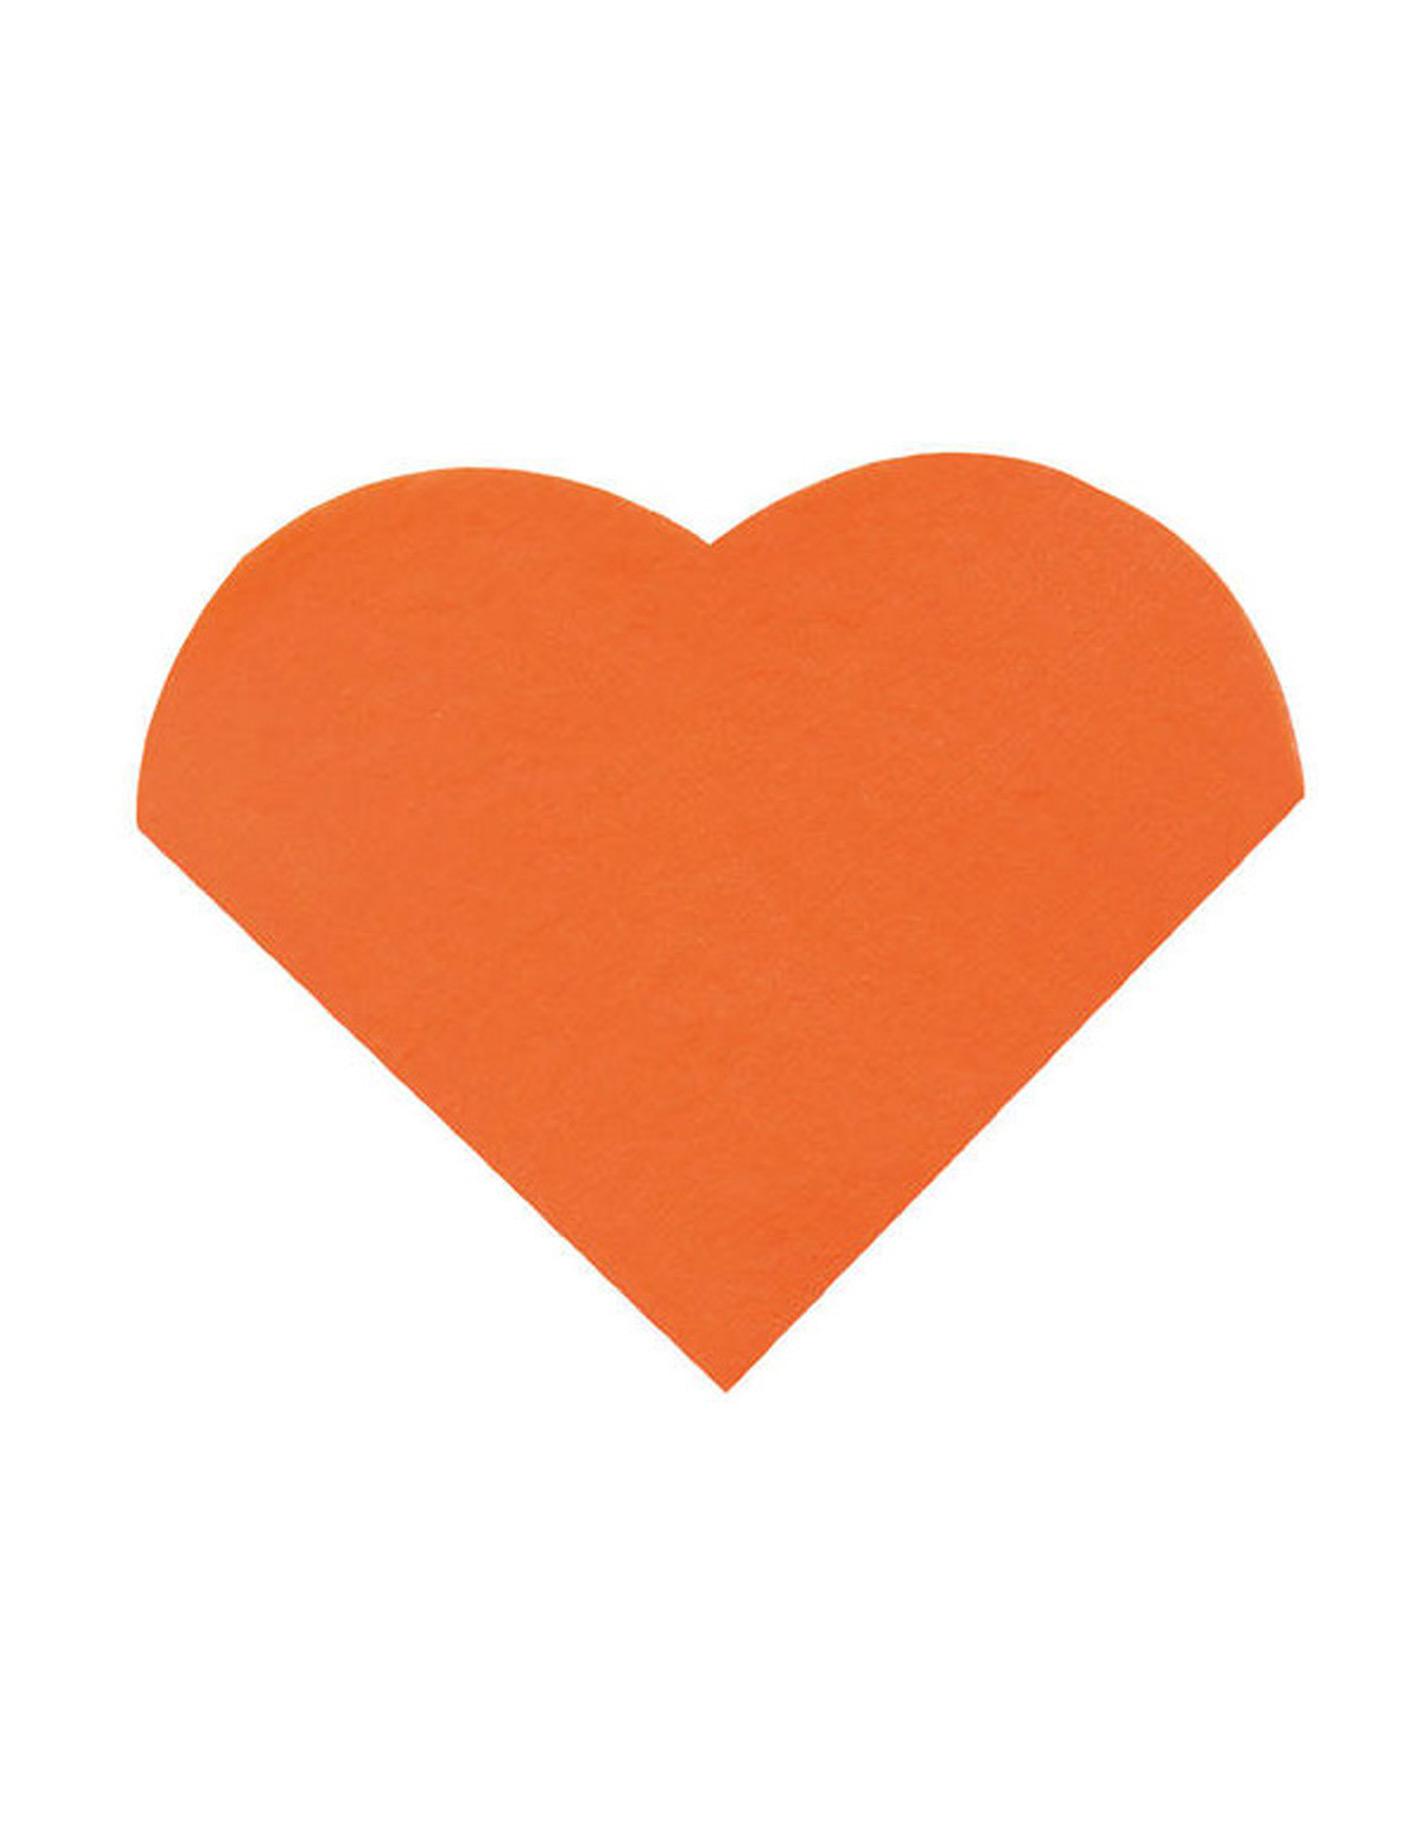 20 petites serviettes coeur en papier orange 9 x 12 cm d coration anniversaire et f tes th me. Black Bedroom Furniture Sets. Home Design Ideas